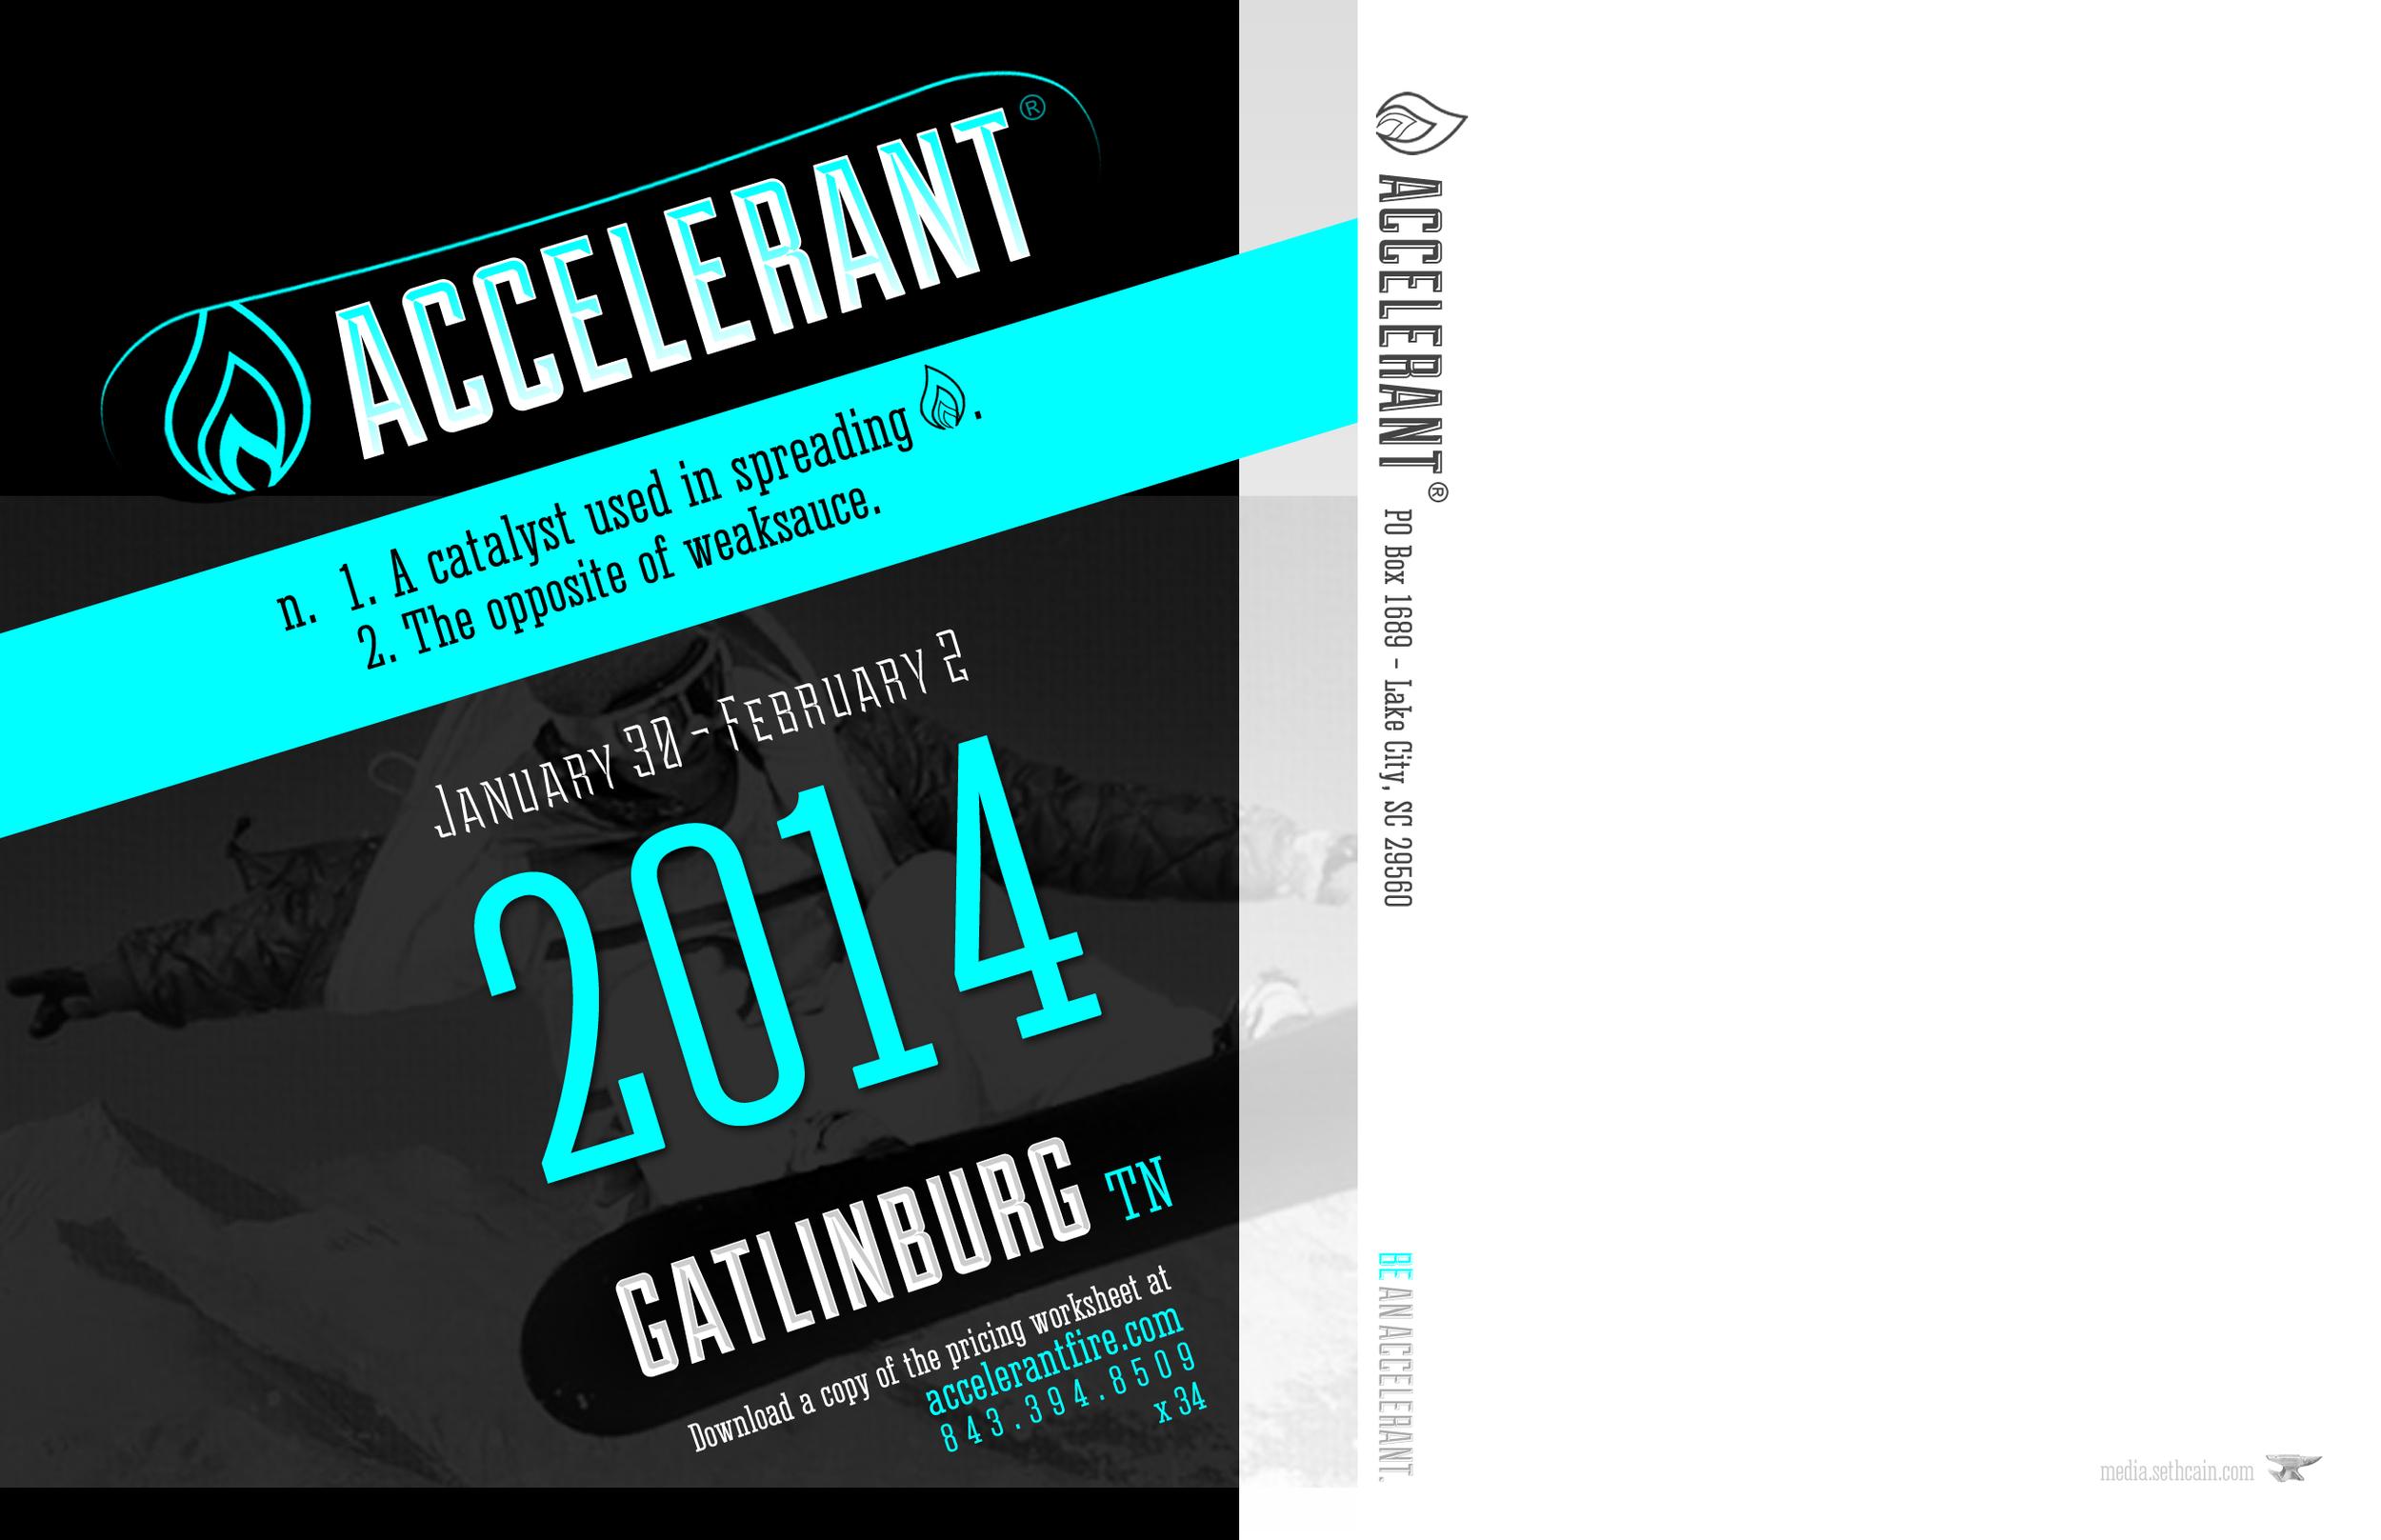 accelerant_back.jpg